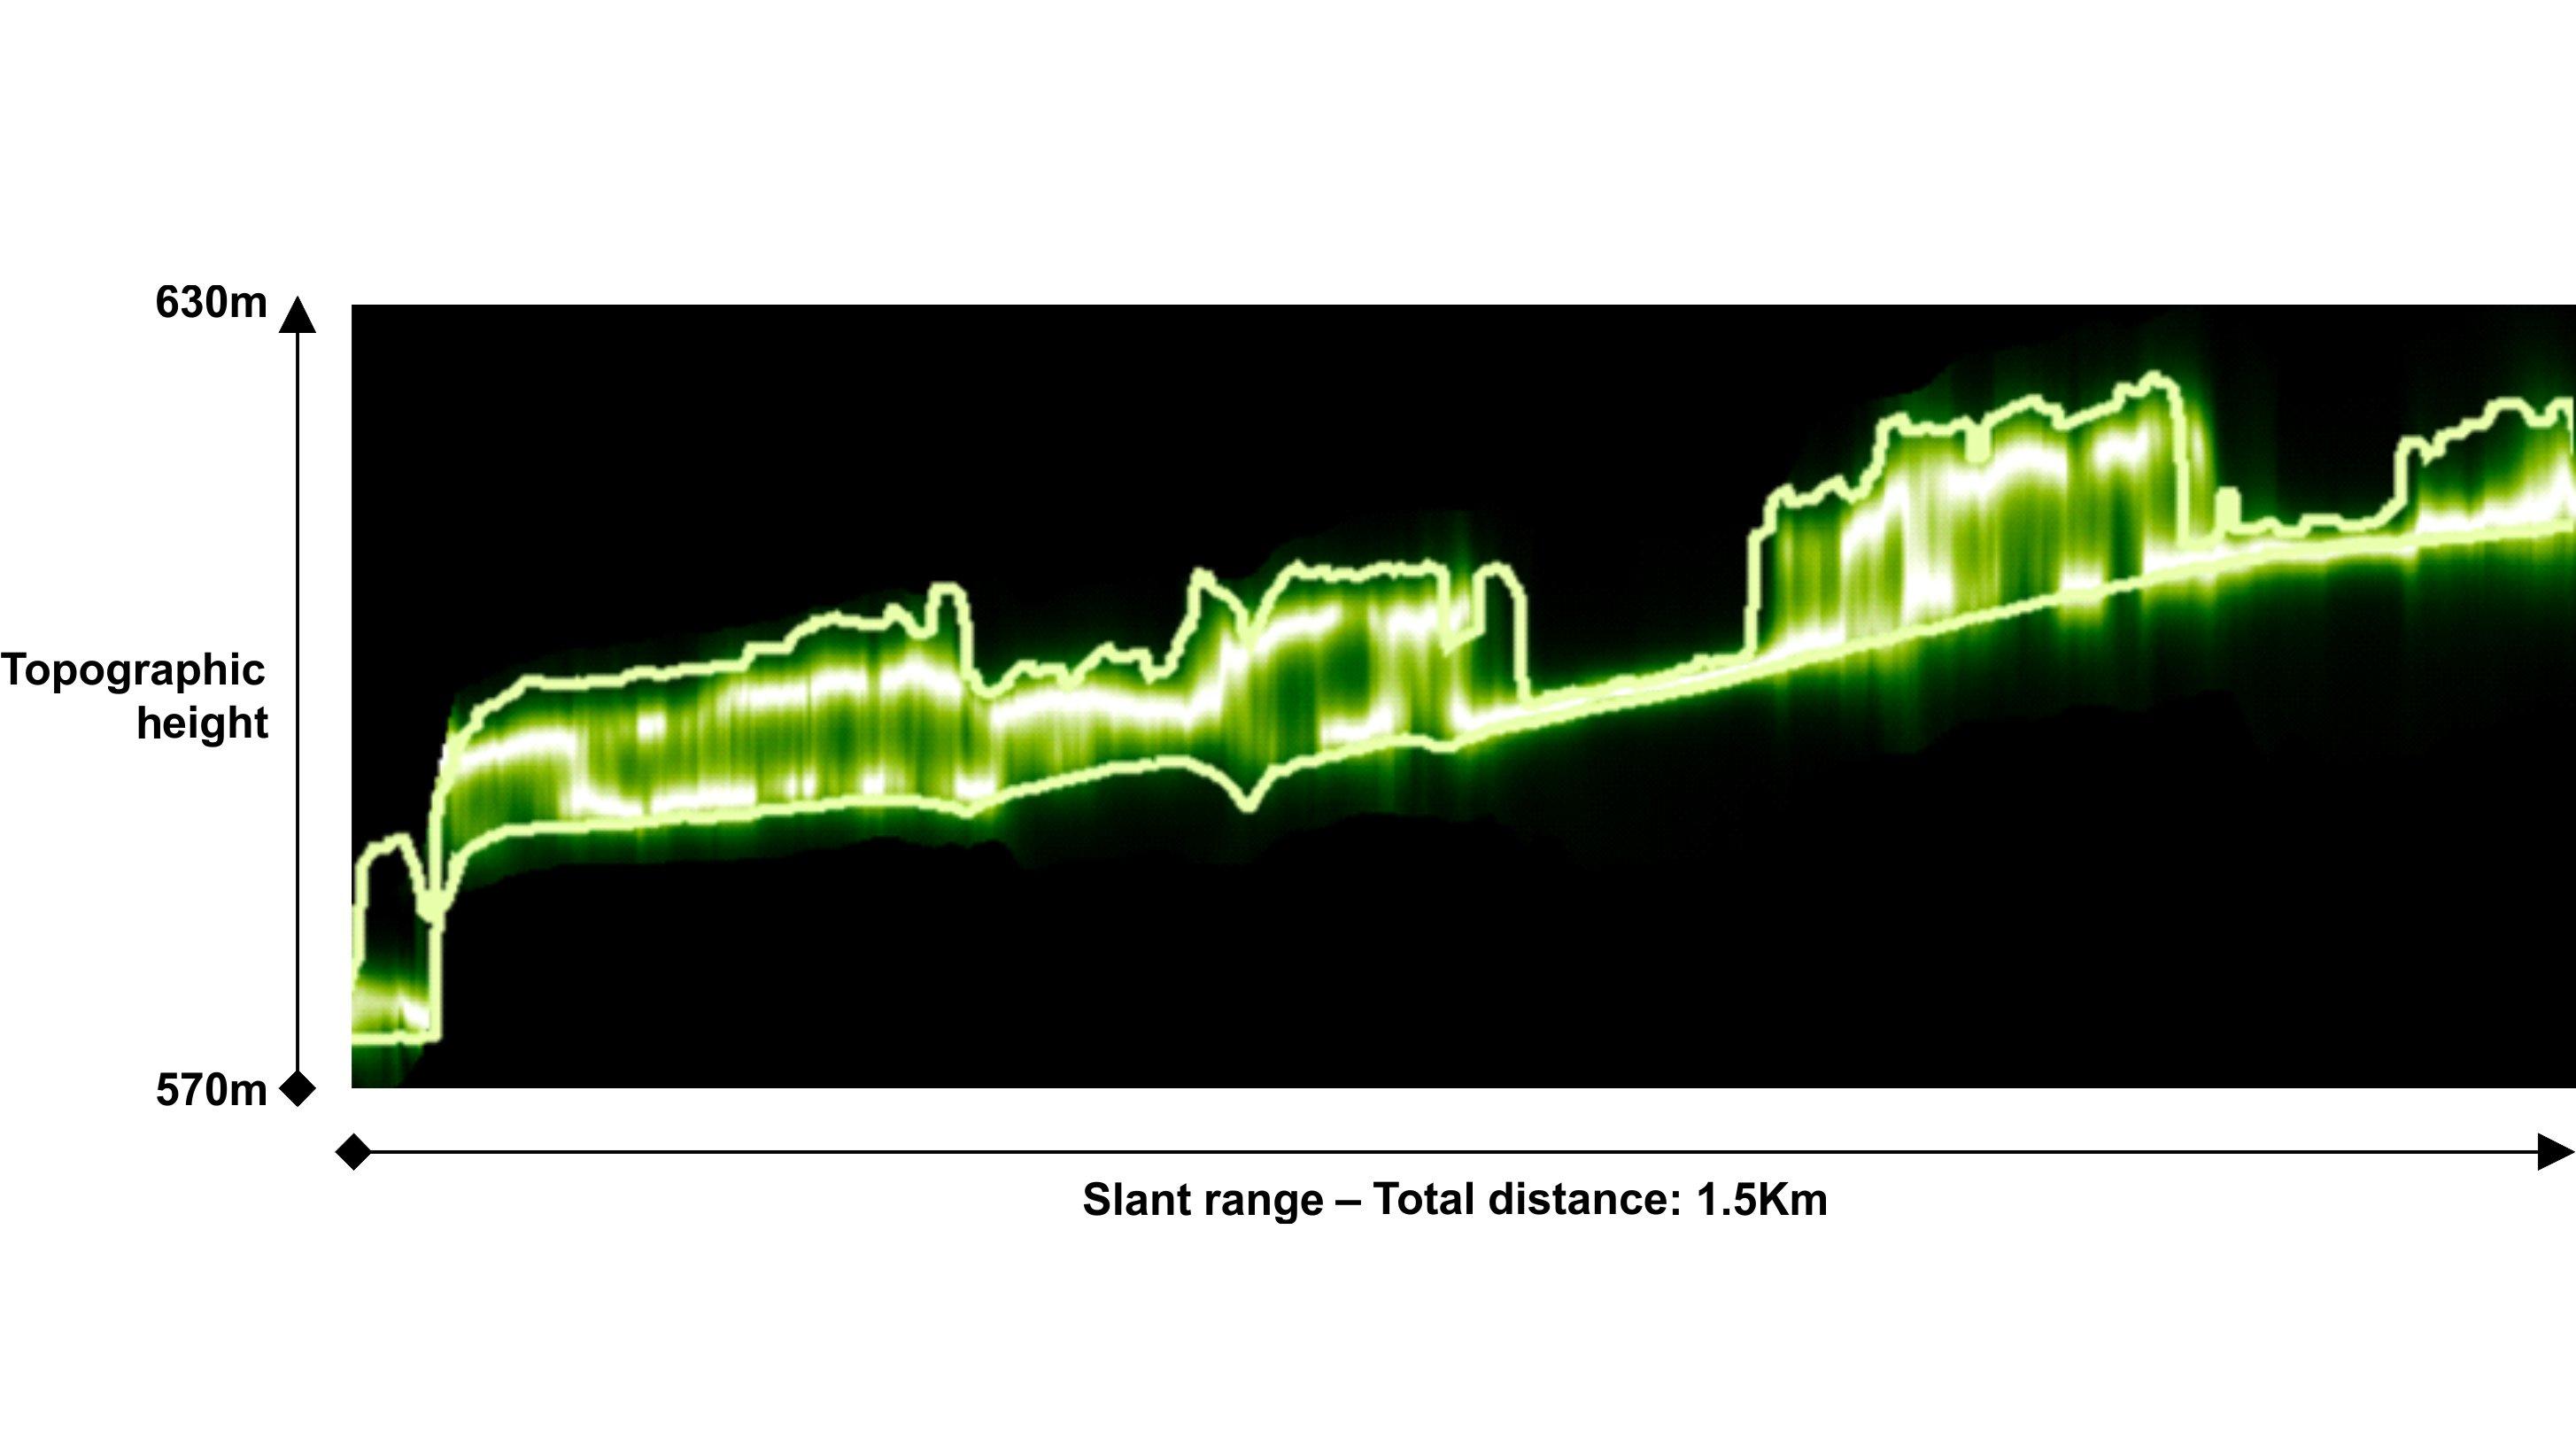 Testgebiet Traunstein: Beispiel für ein vertikales Profil der Radarrückstreuung dieses Waldgebiets. Die Rückstreuung ist in Grüntönen skaliert, von dunkelgrün (geringe Rückstreuung) bis weiß (hohe Rückstreuung). Die durchgezogenen Linien stellen die Höhen von Waldboden und -krone dar, bestimmt durch Lidarmessungen.